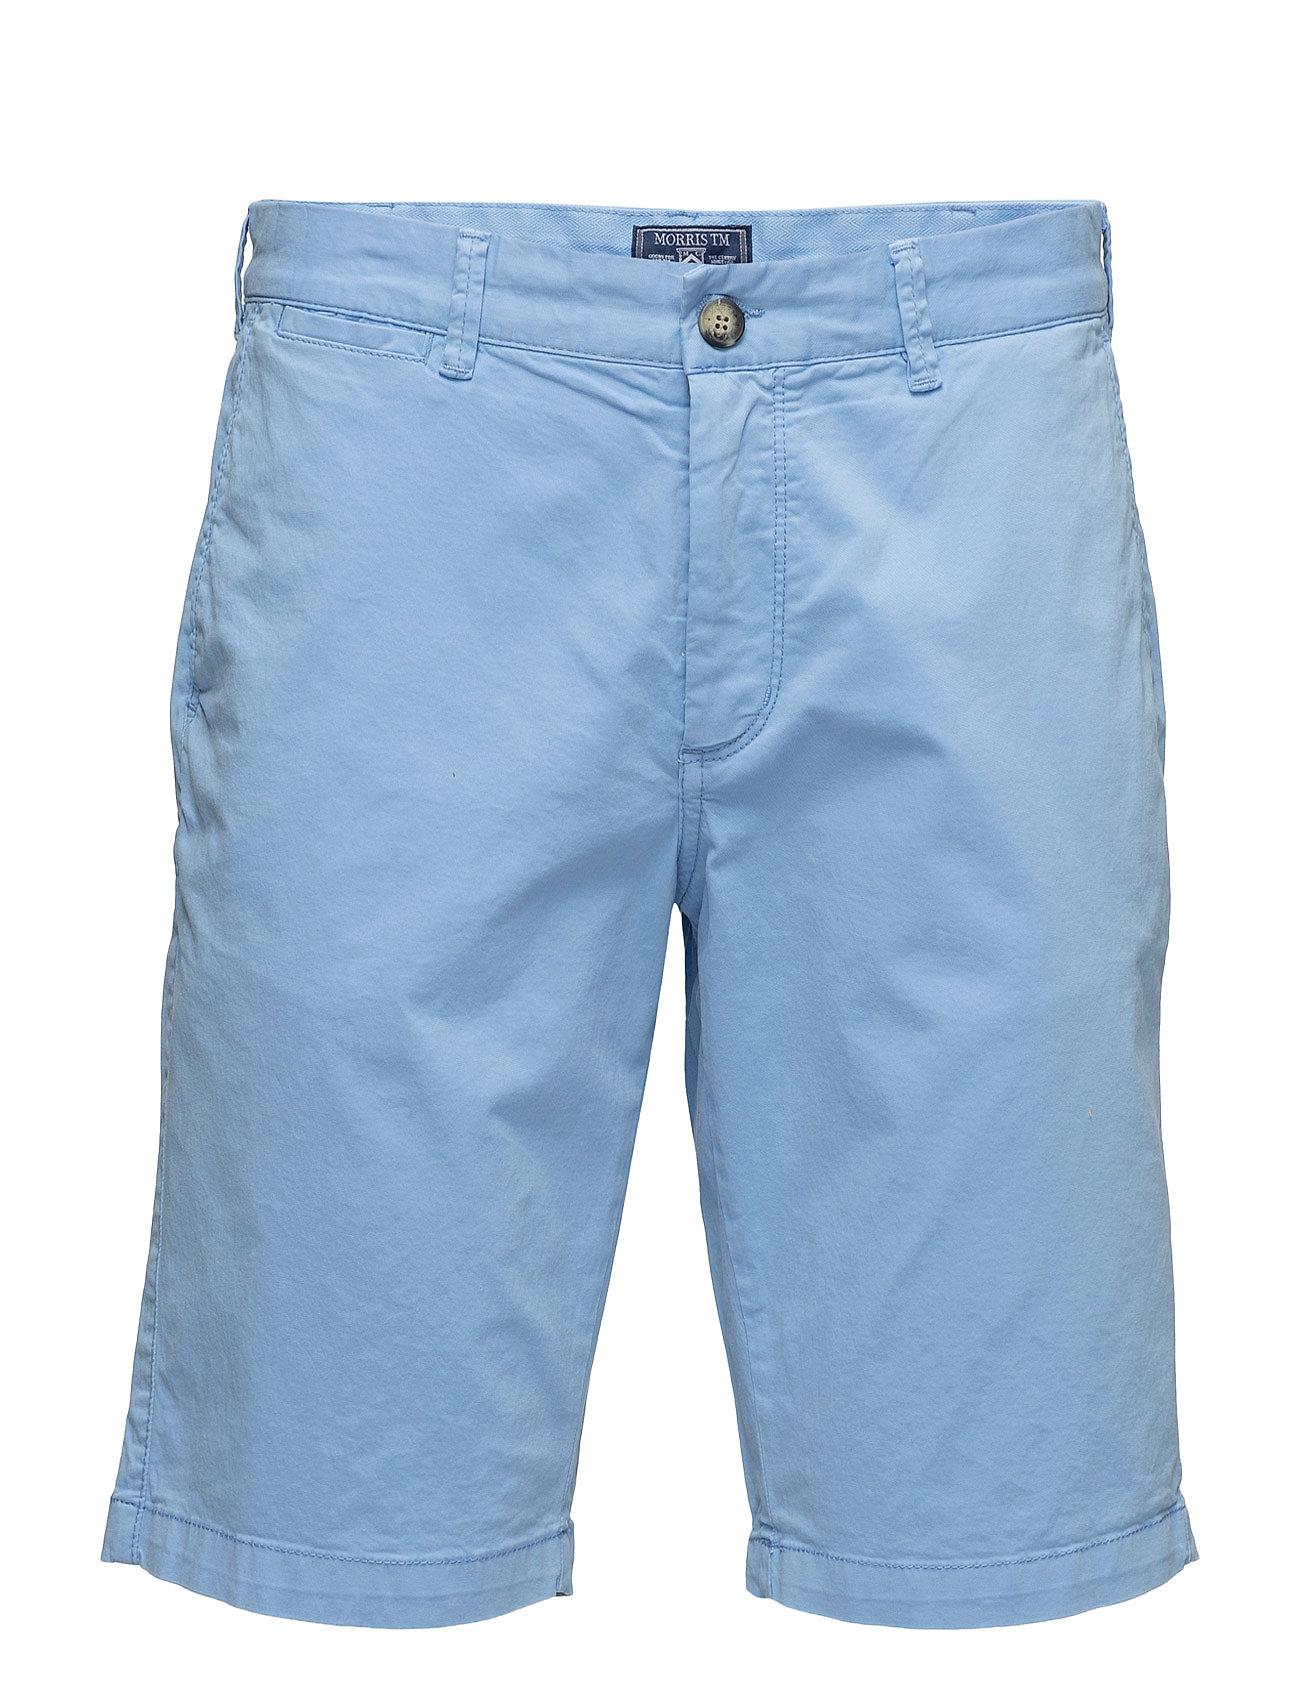 Regular Chino Shorts Morris Bermuda shorts til Herrer i Blå